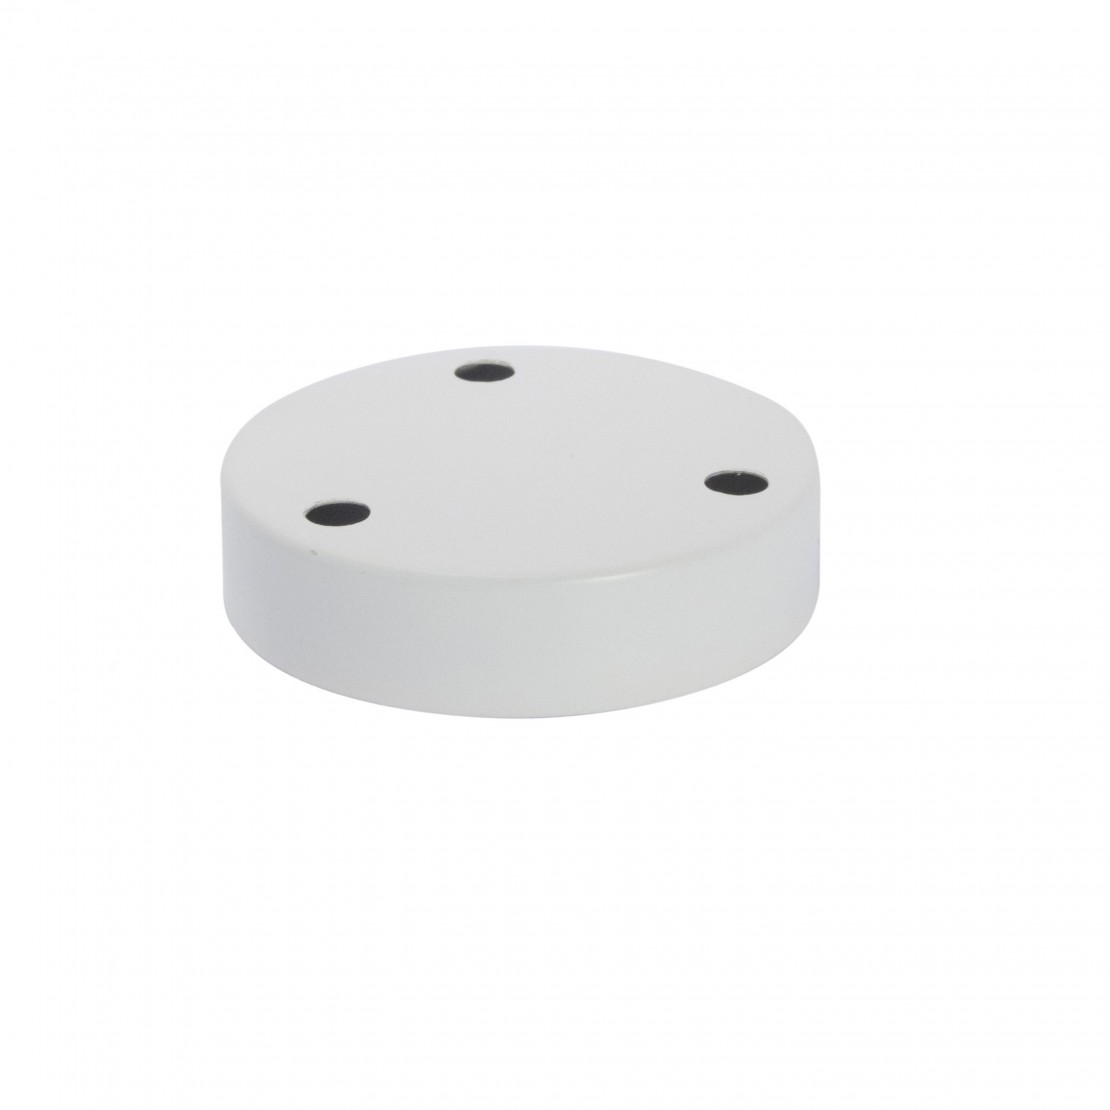 Metalen schermkap 12 cm 3 holes- wit